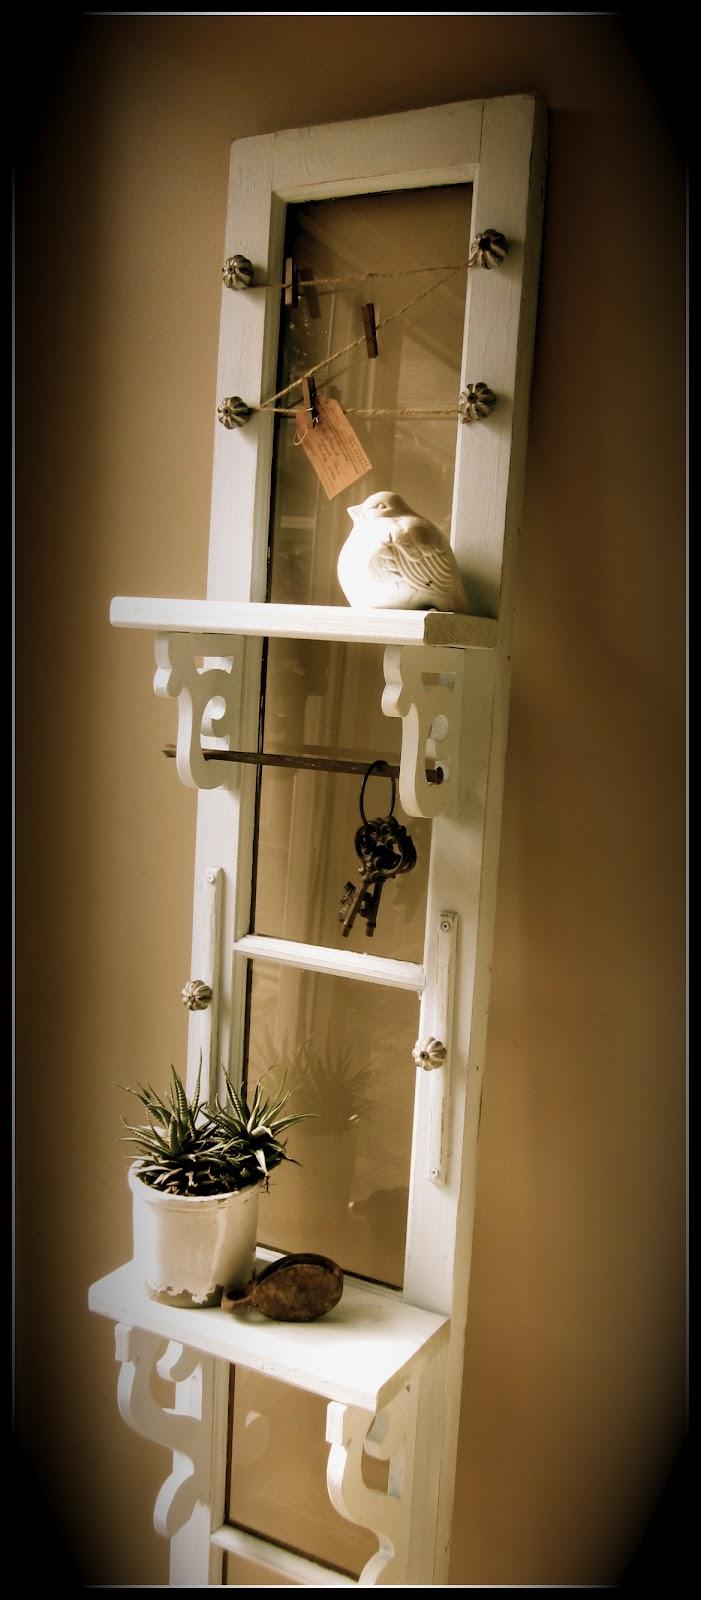 homeroad garage door turned entry shelf. Black Bedroom Furniture Sets. Home Design Ideas